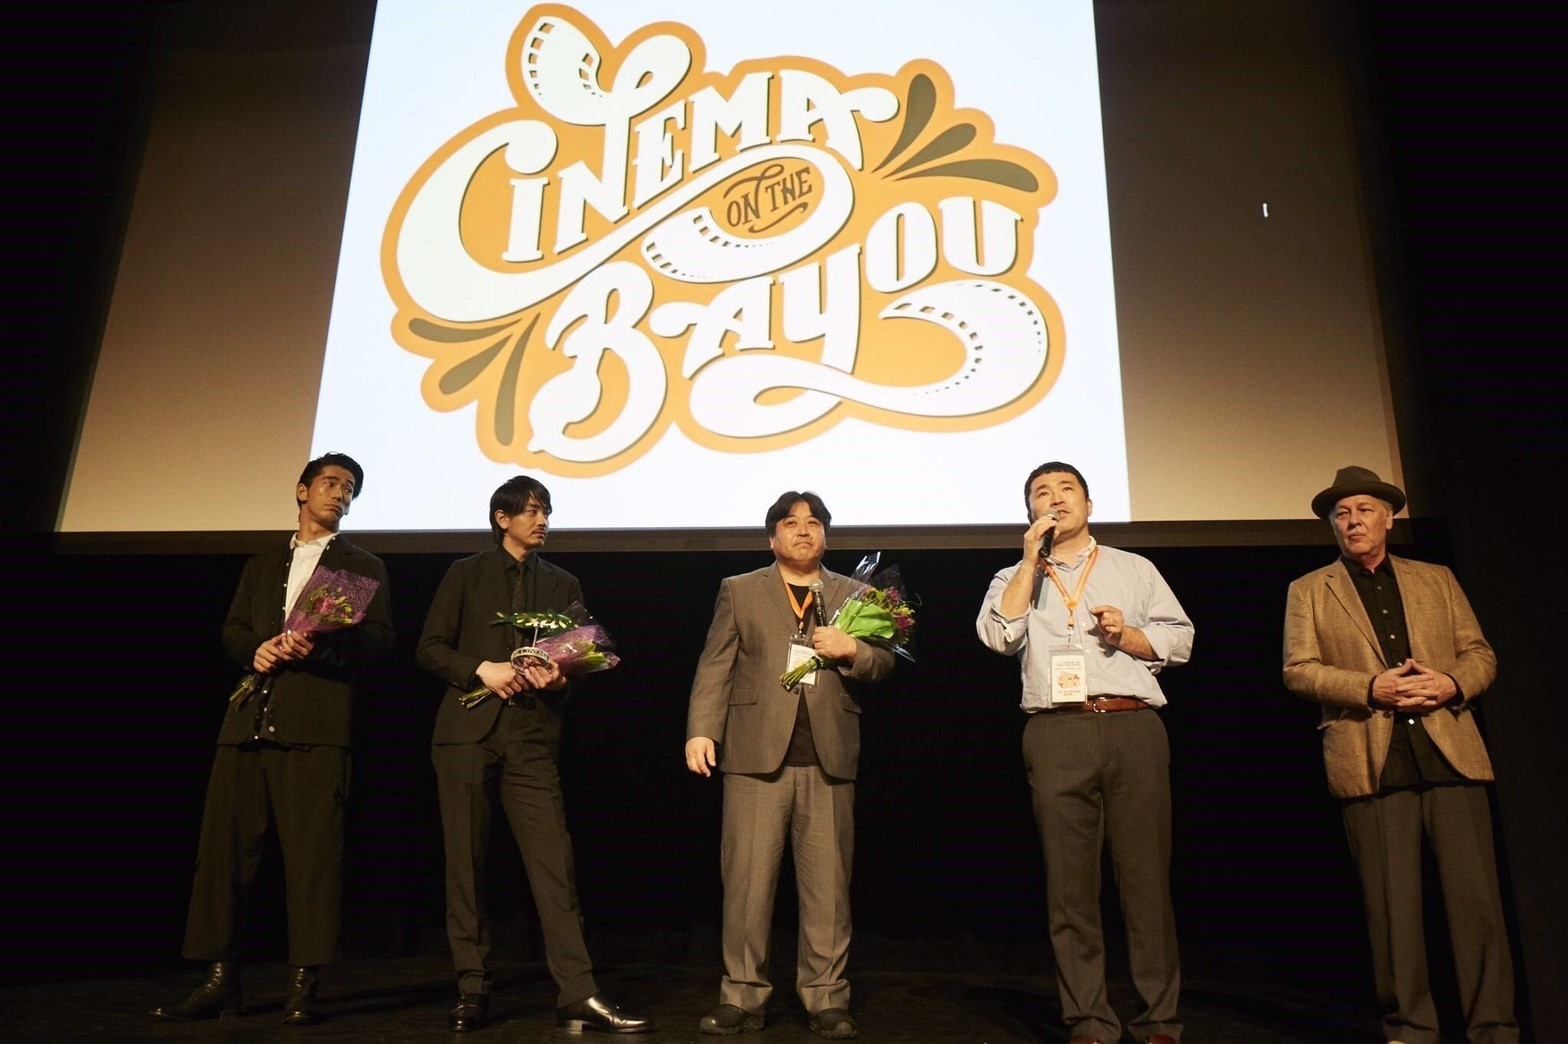 シネマ・オン・ザ・バイユー映画祭『たたら侍』舞台挨拶